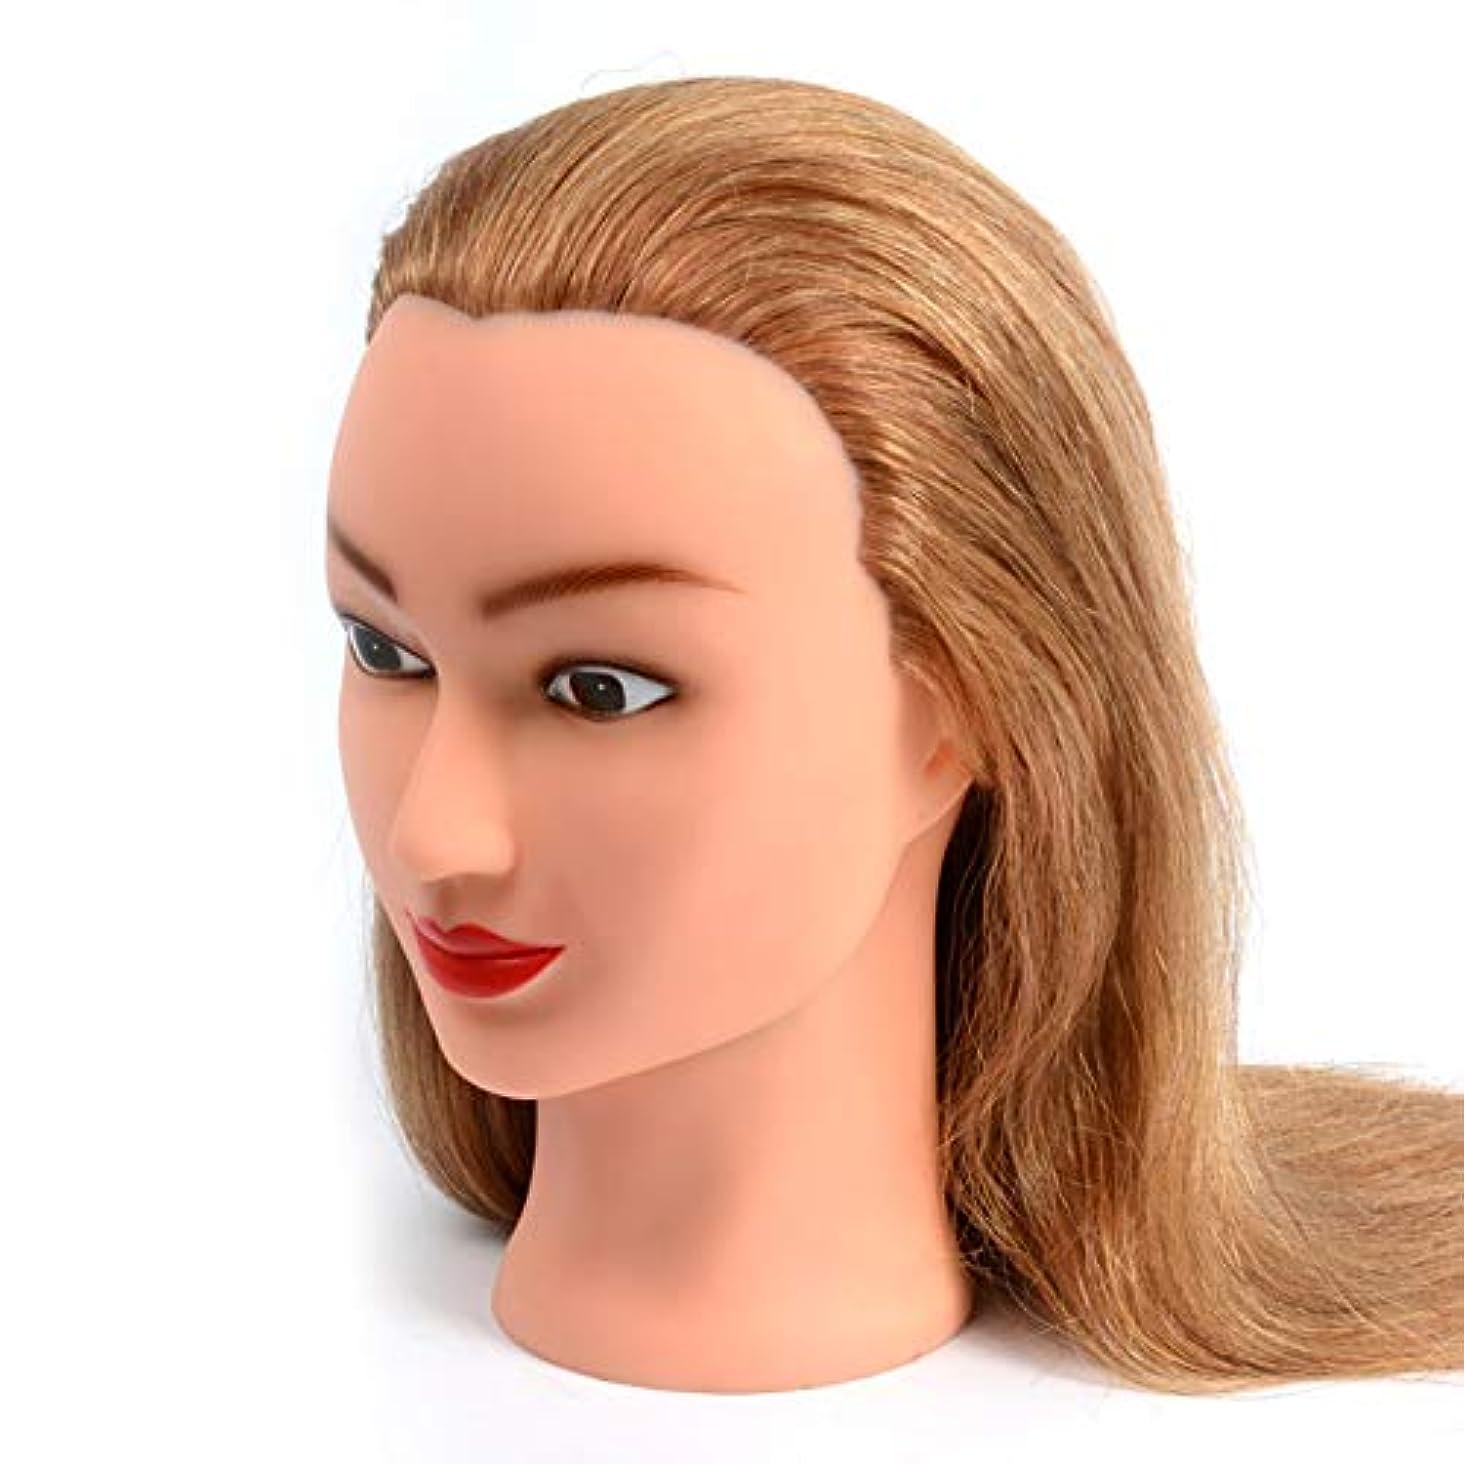 パンフレット否定する割れ目ブライダルメイクスタイリング練習モデル美容院散髪学習ダミーヘッドは染色することができますし、漂白ティーチングヘッド